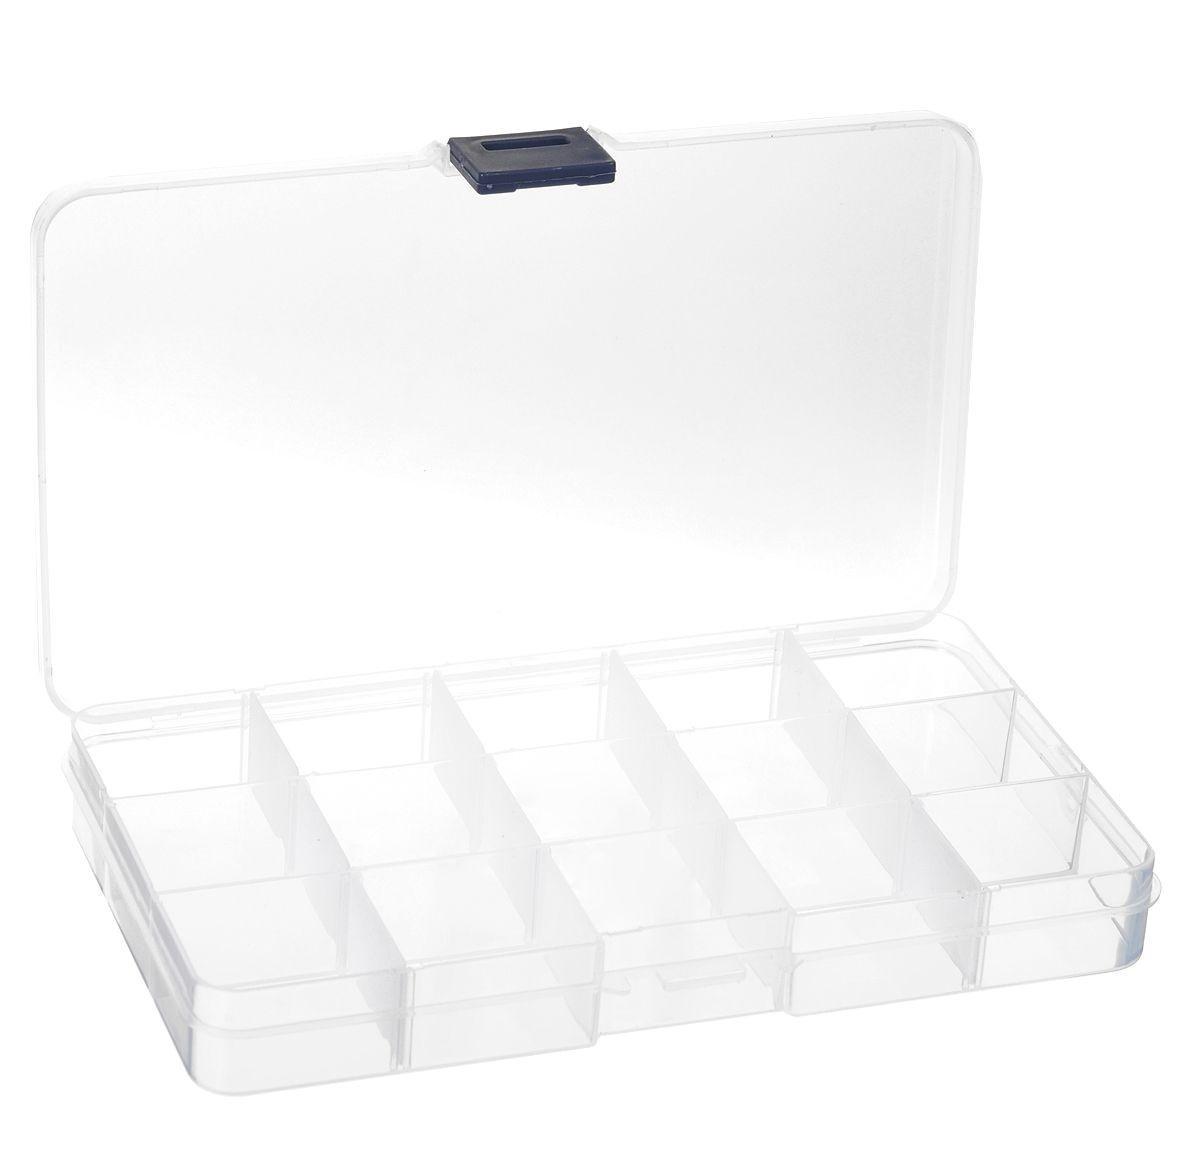 Контейнер для мелочей, 17,6 х 10,2 х 2,2 см 528528Контейнер для мелочей изготовлен из прозрачного пластика, что позволяет видеть содержимое. Внутри содержится 15 ячеек для хранения мелких принадлежностей. Крышка плотно закрывается. Такой контейнер поможет держать вещи в порядке. Идеально подходит для хранения принадлежностей для шитья и других мелких бытовых предметов.